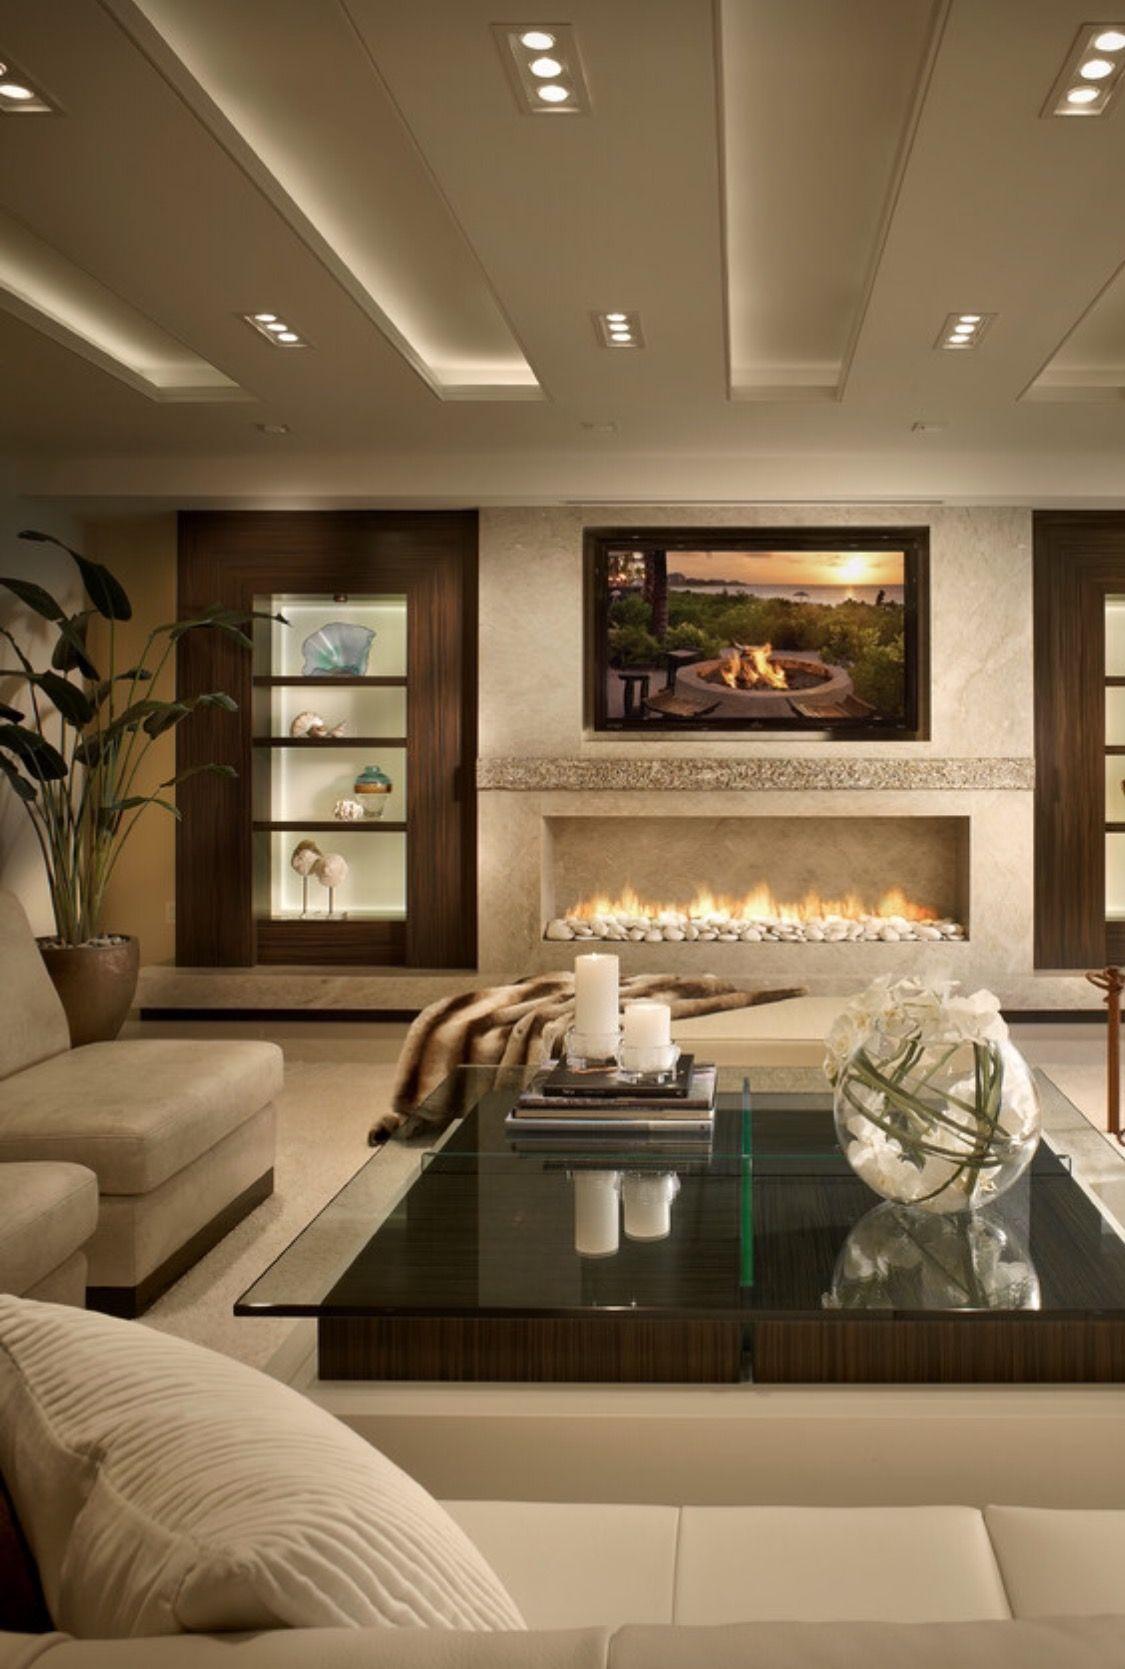 Pin By رجاء ربي On Home Decor Wohnzimmer Wohnzimmer Modern